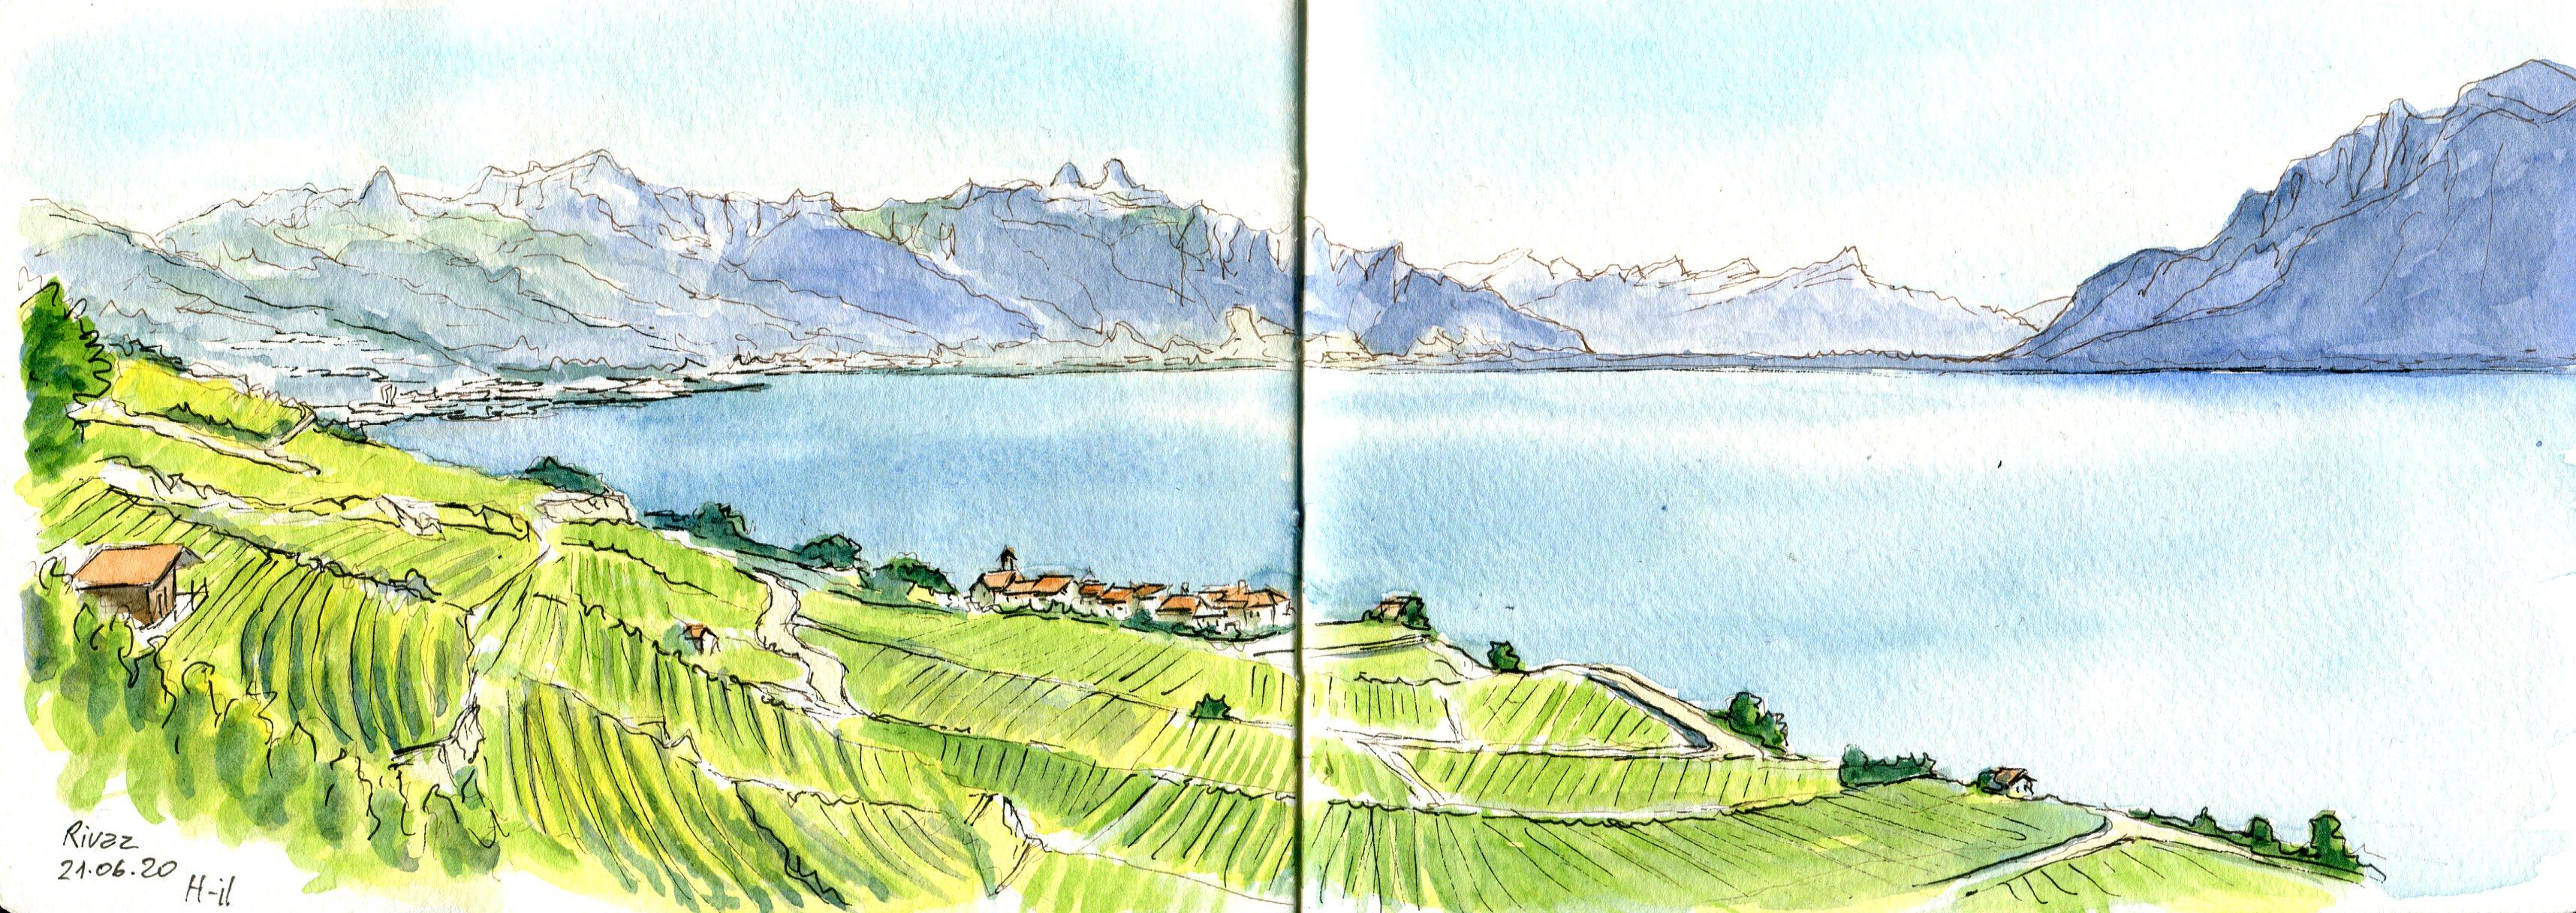 Rivaz et Haut-Lac033